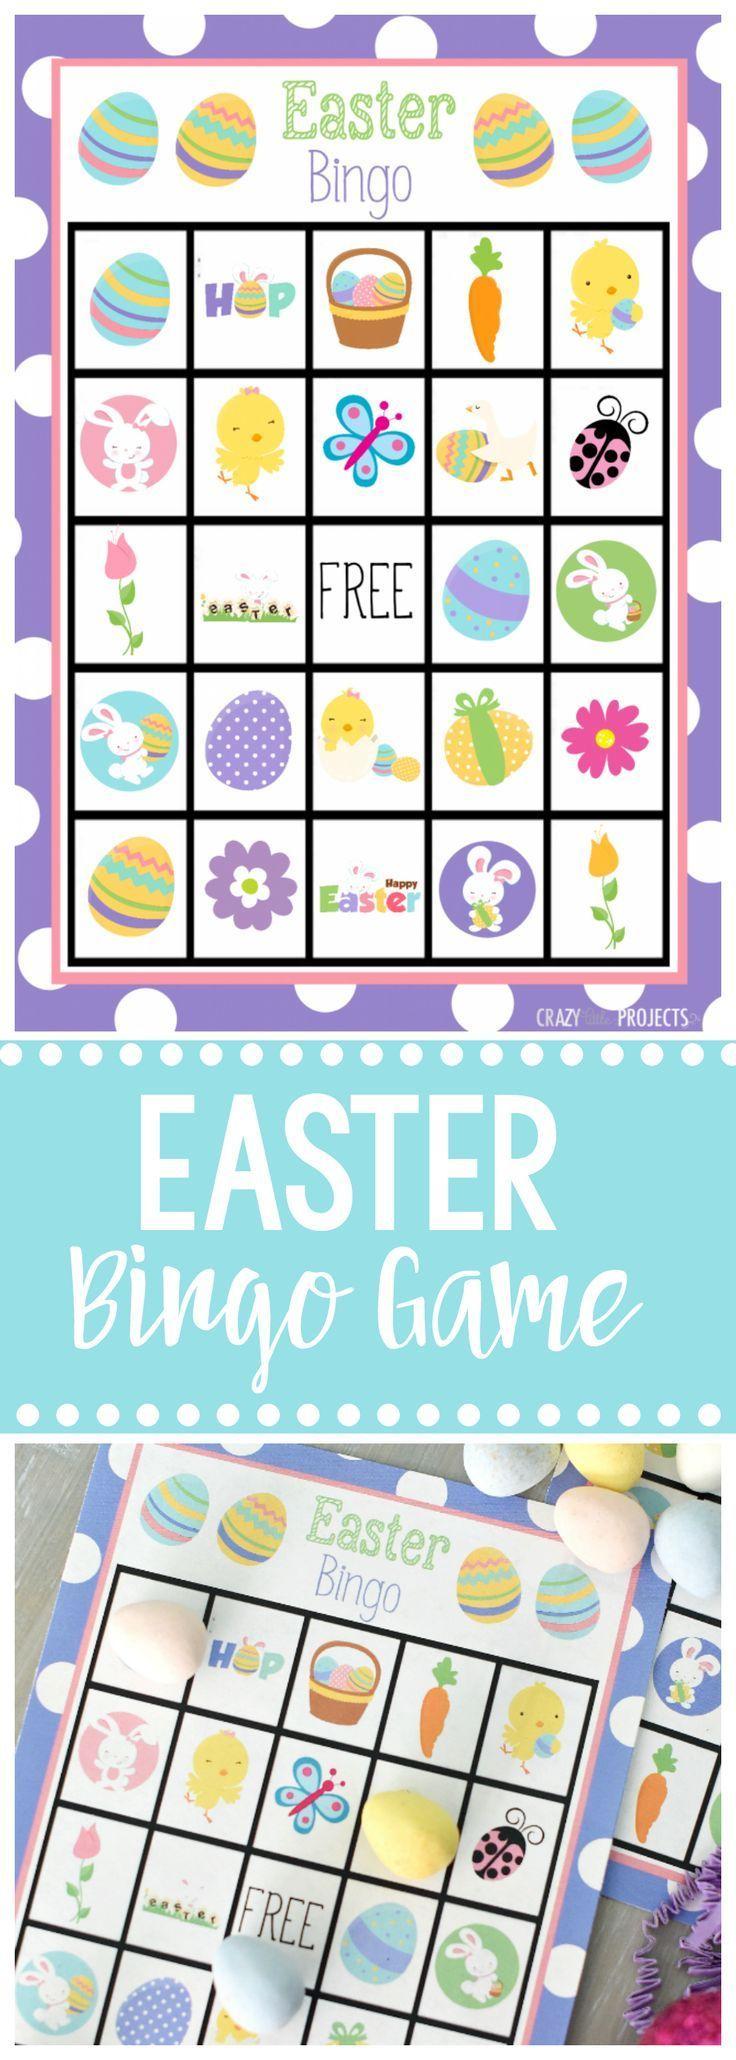 Free Printable Easter Bingo Game | Handvaardigheid Groep 3/4